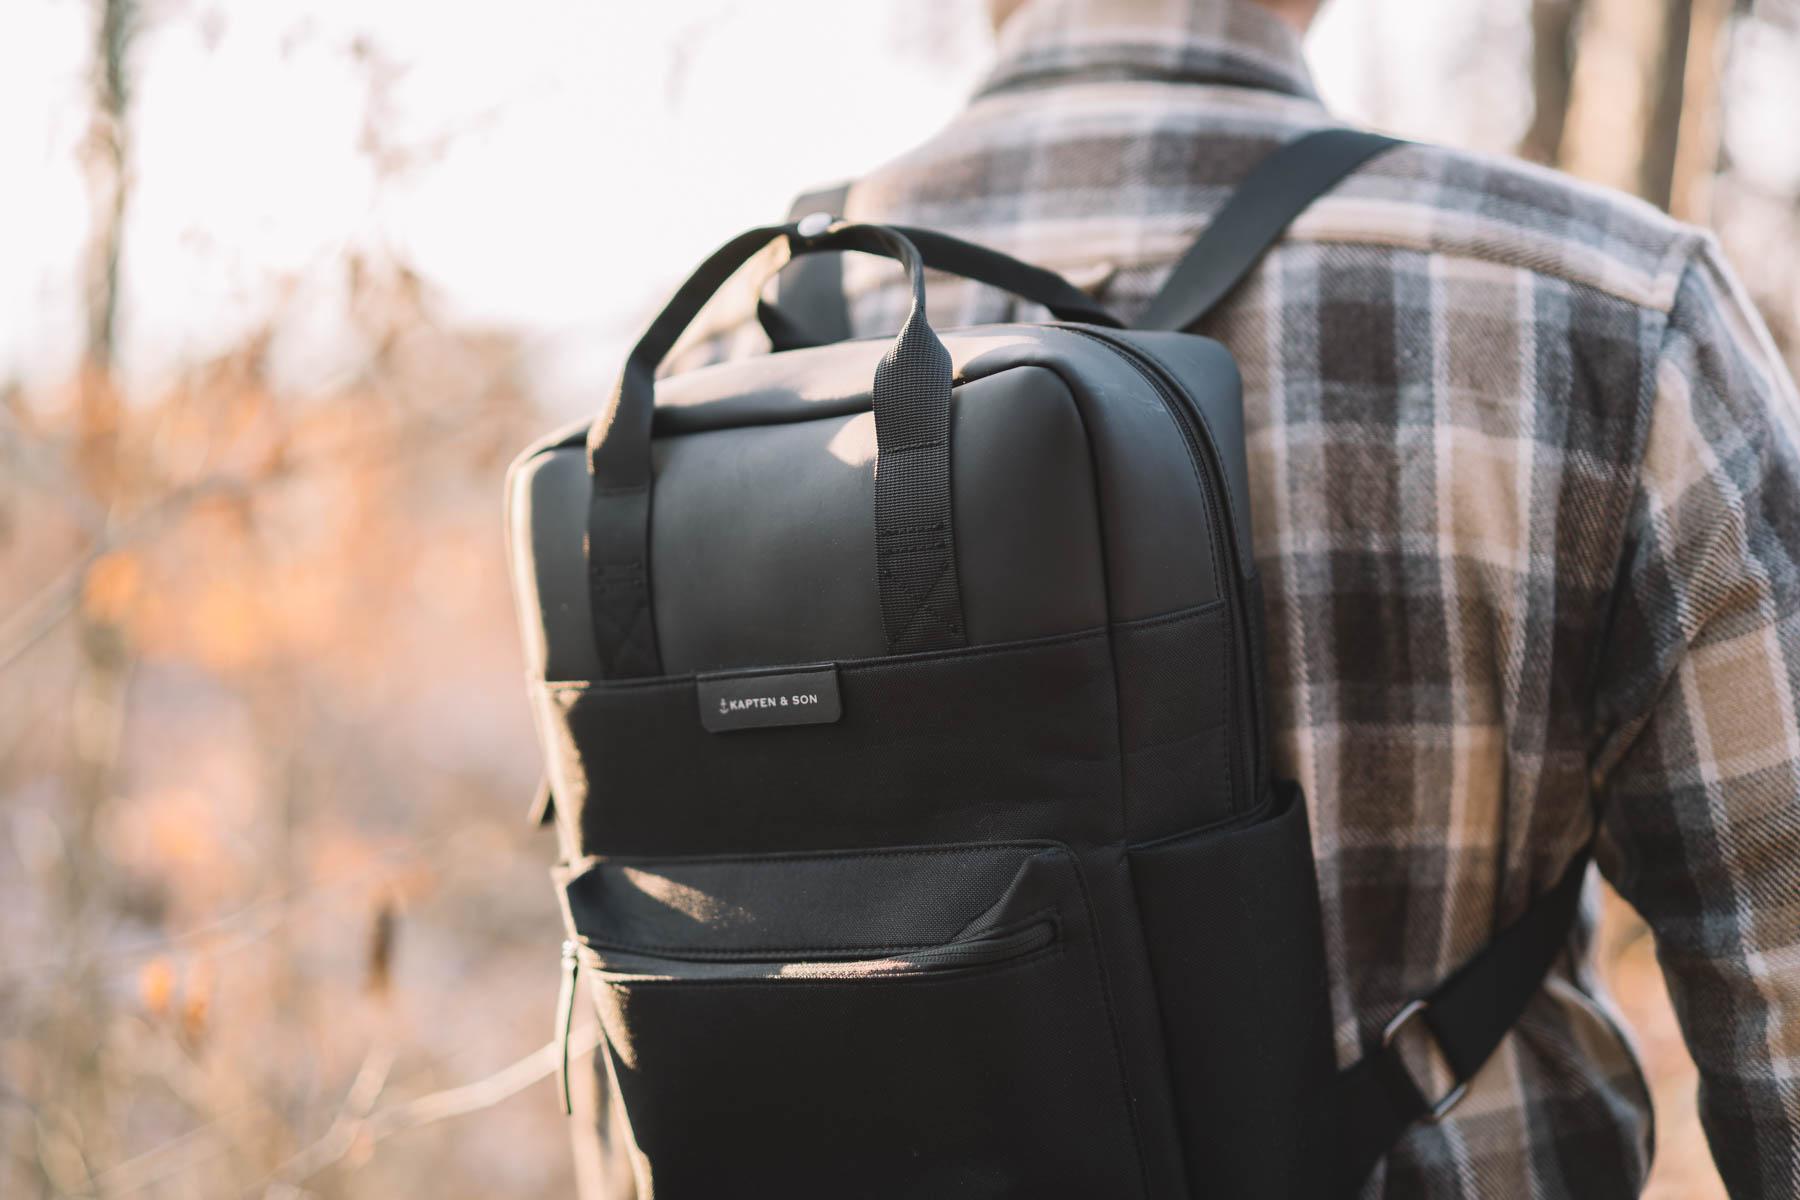 Ein Mann trägt einen Rucksack im Wald.